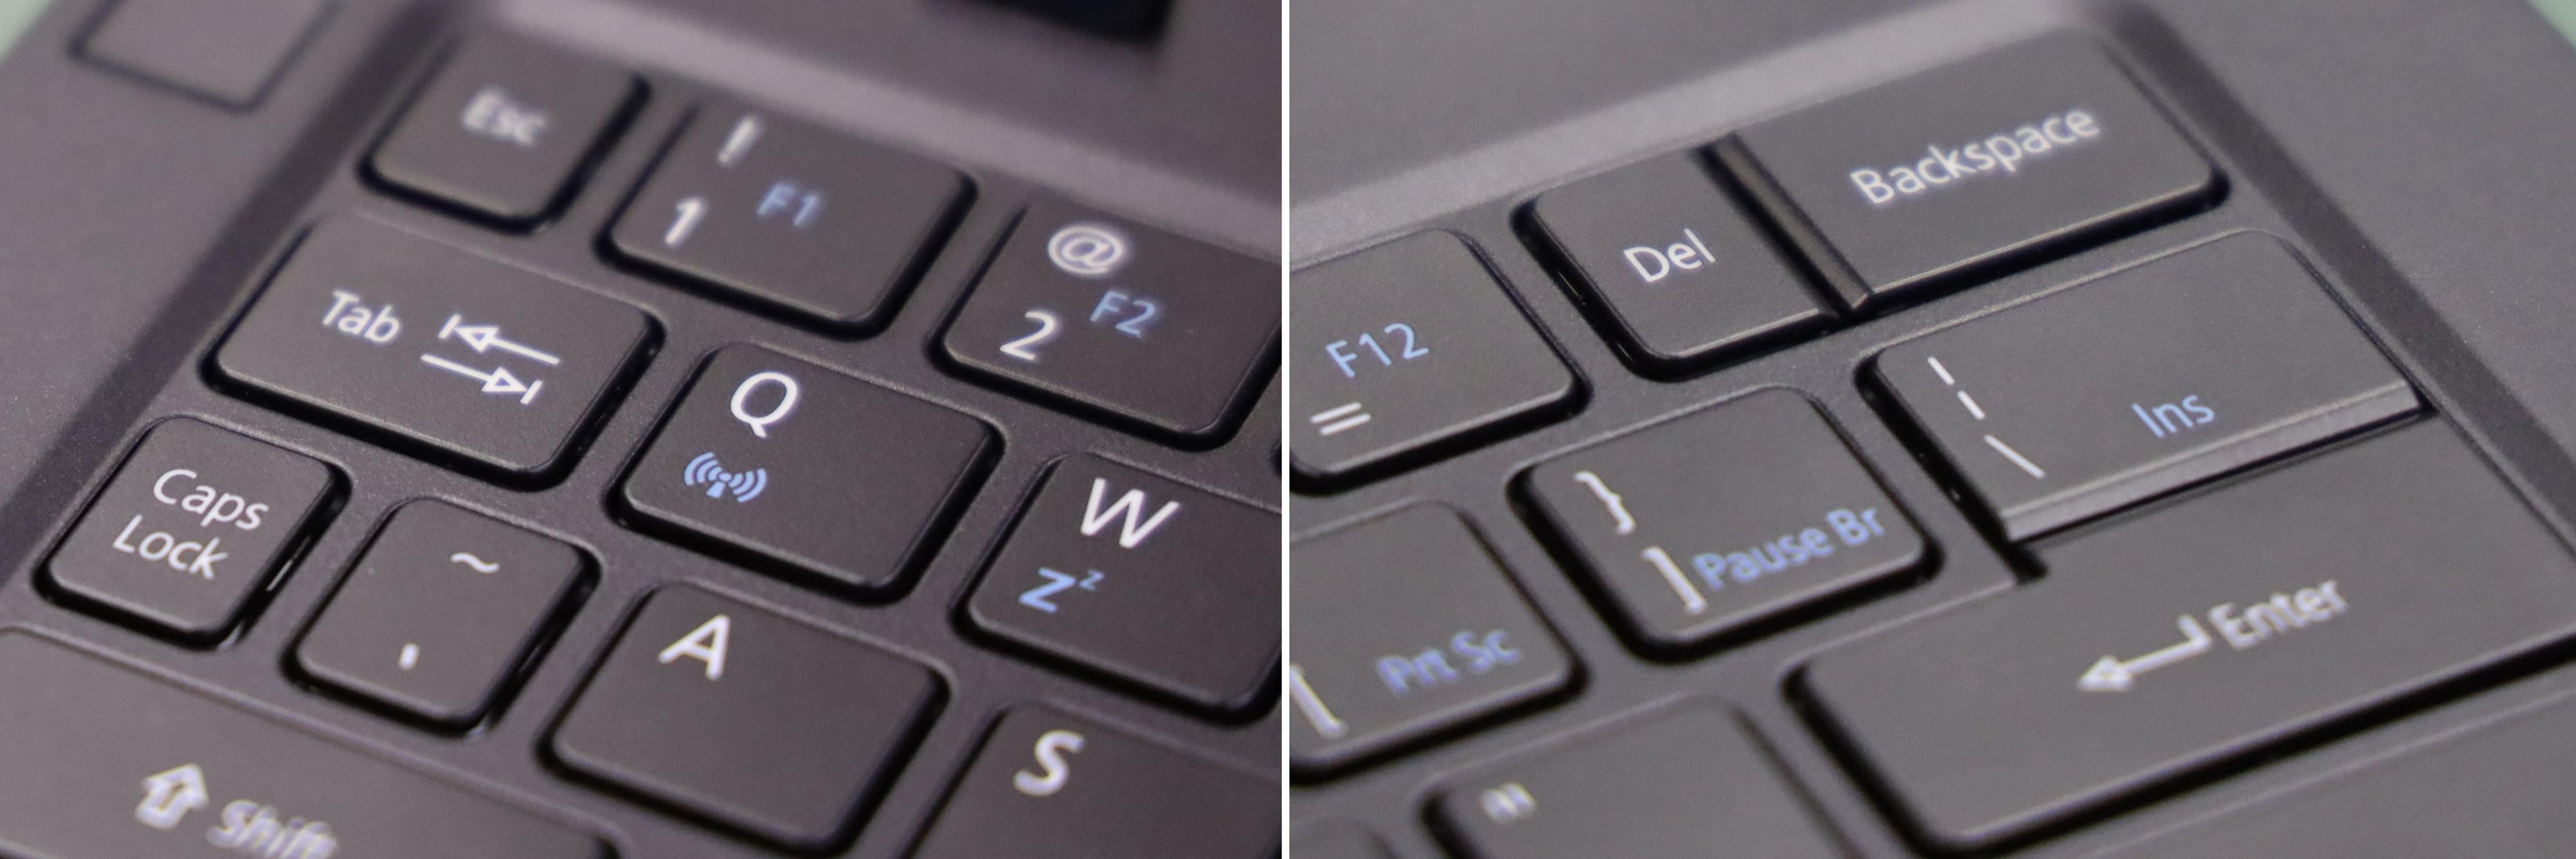 Legg merke til det merkelige tastaturoppsettet.